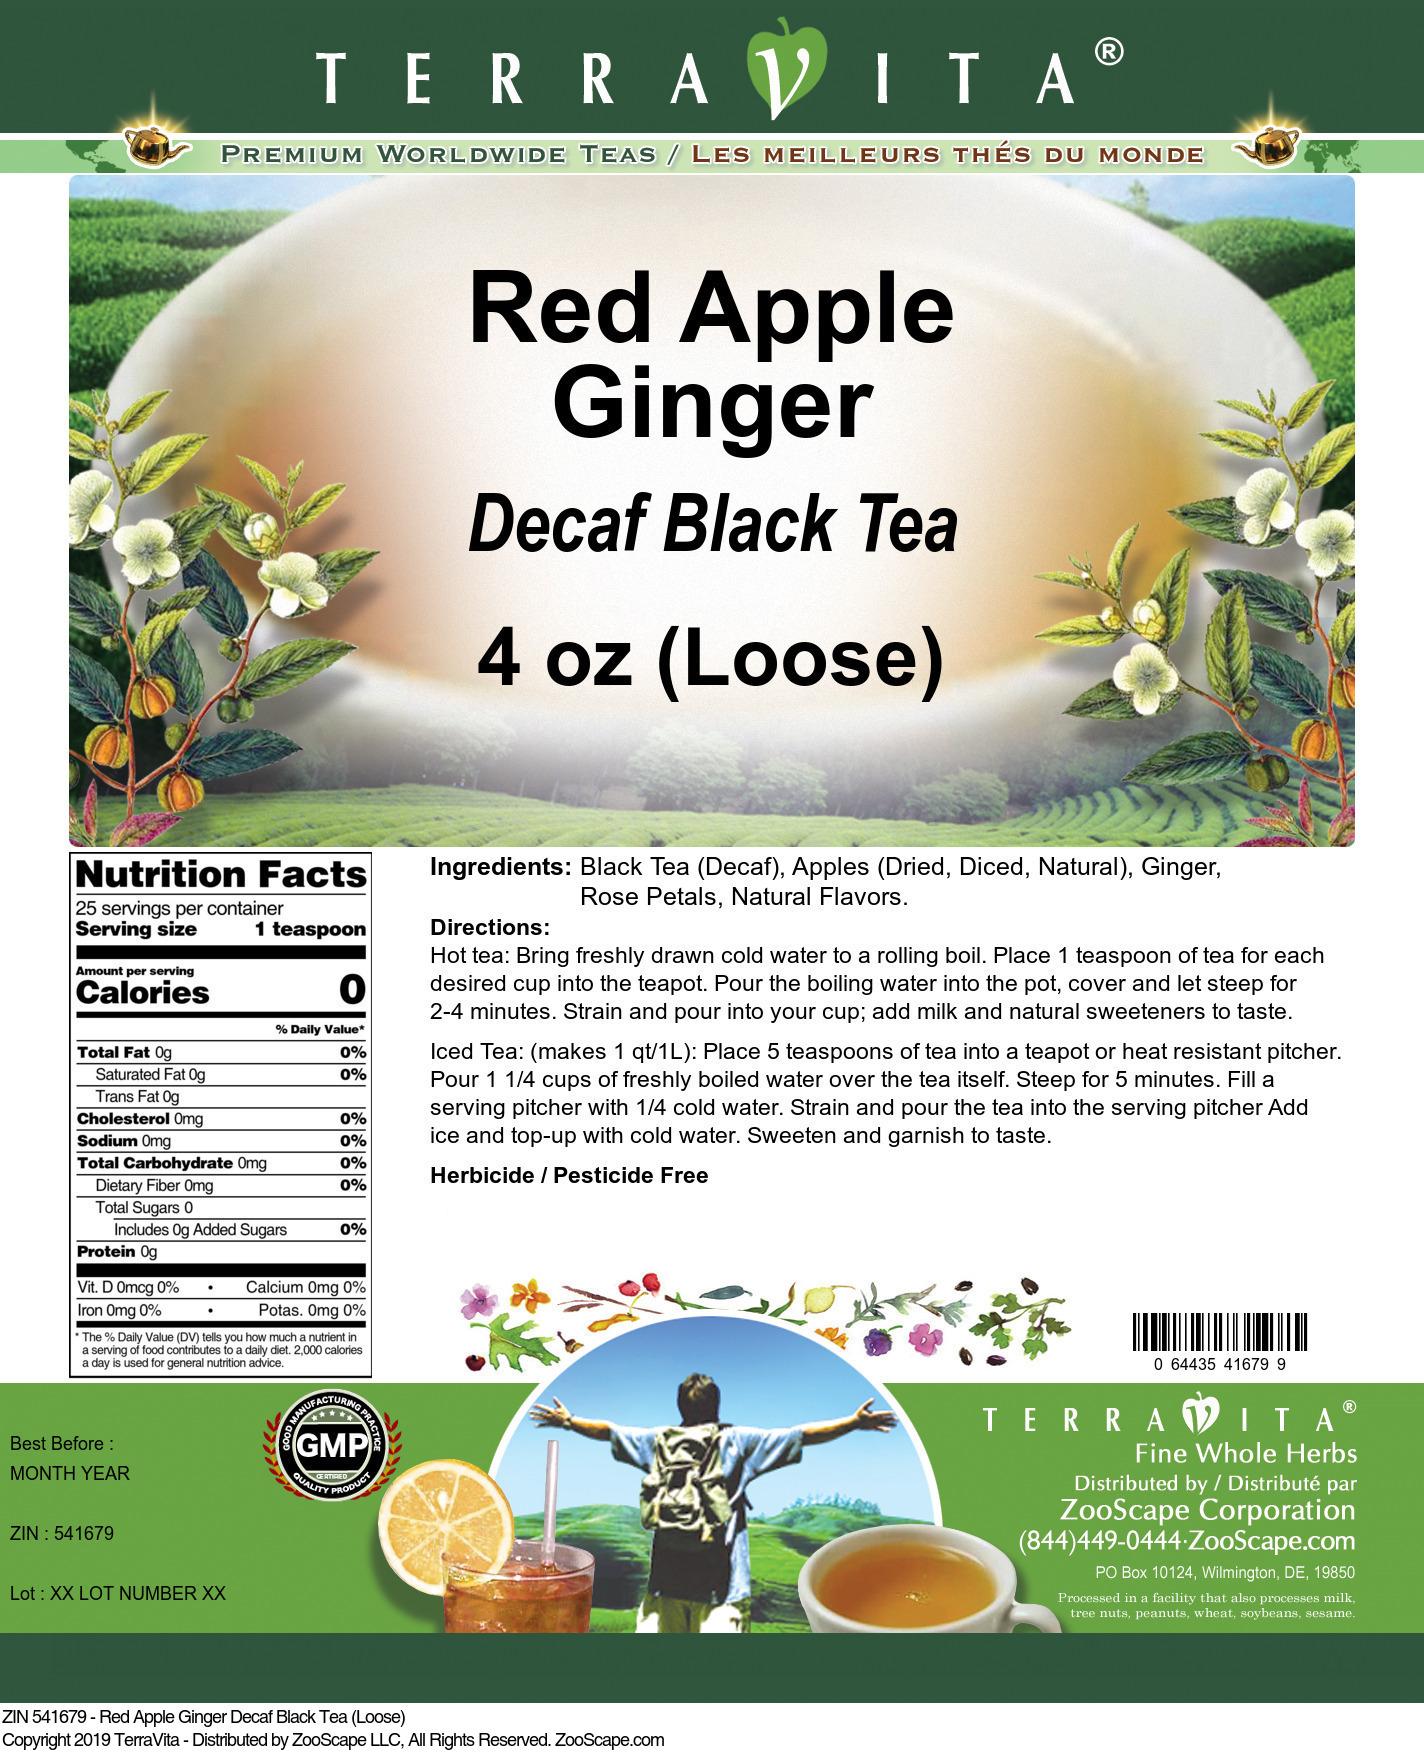 Red Apple Ginger Decaf Black Tea (Loose)